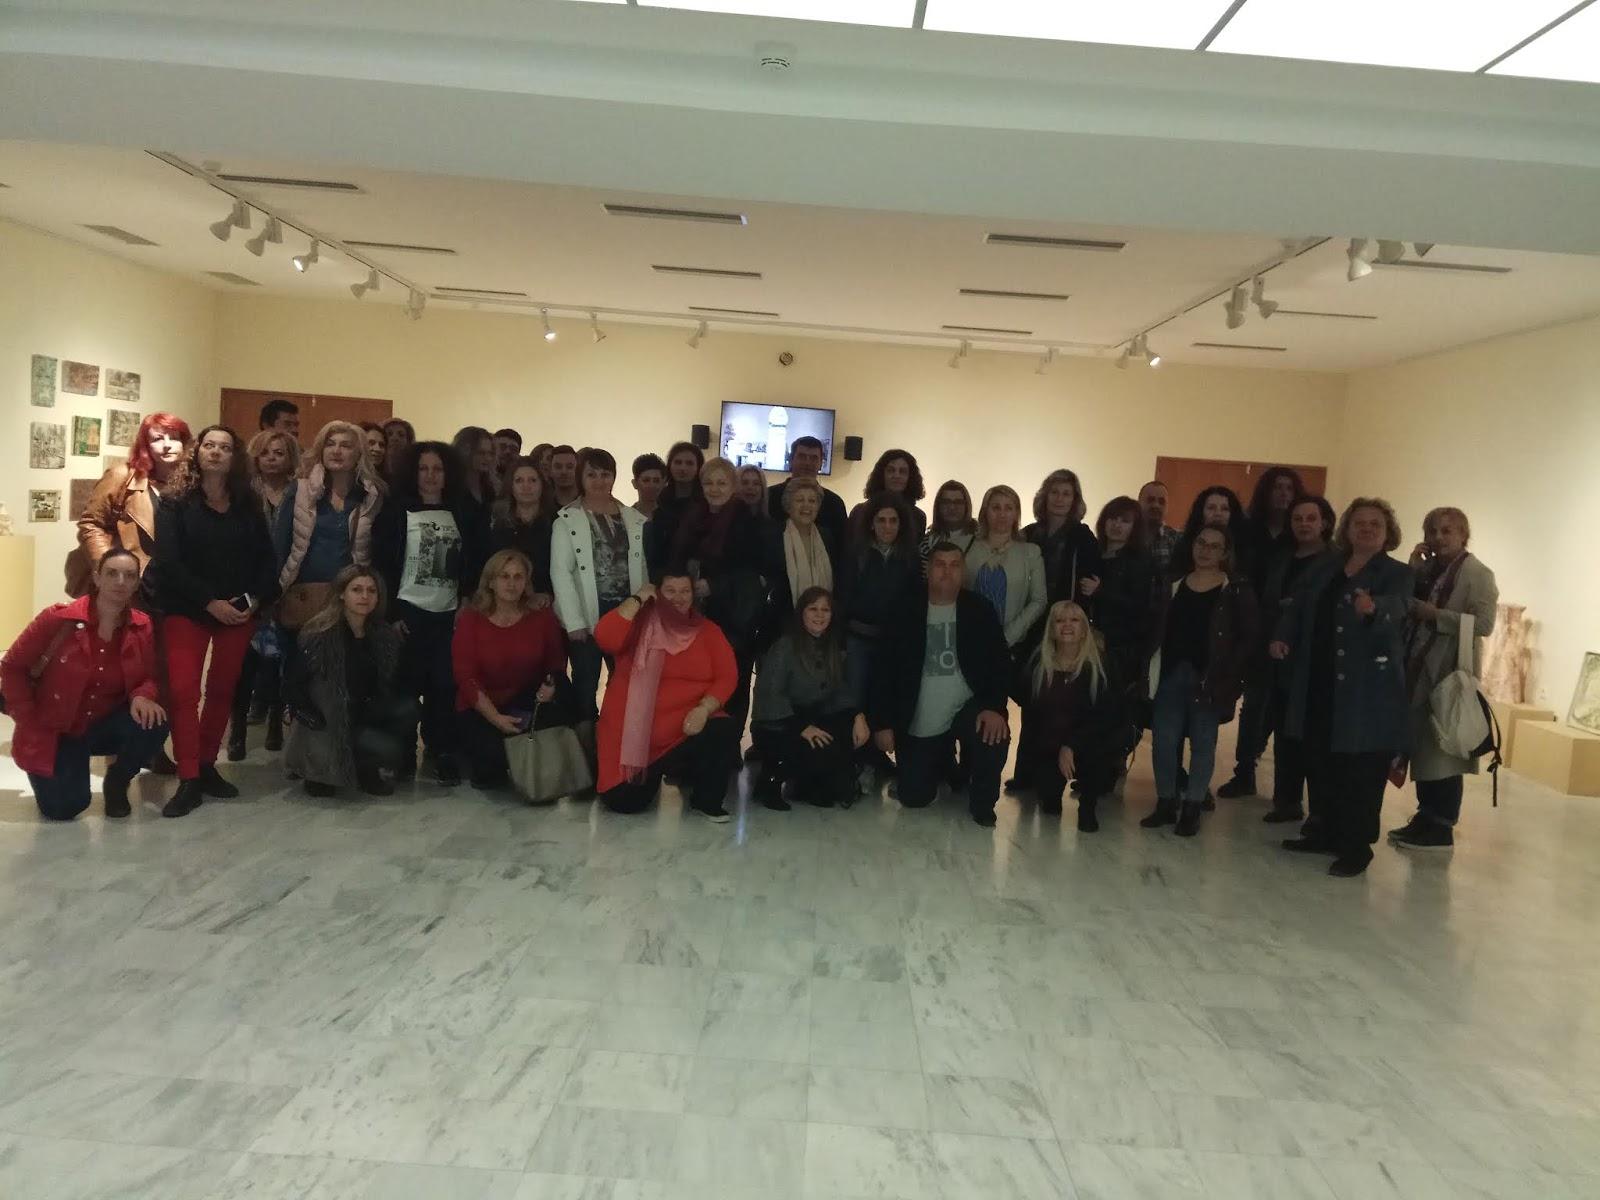 Επίσκεψη του 3ου Εσπερινού ΕΠΑΛ Λάρισας στο Διαχρονικό Μουσείο